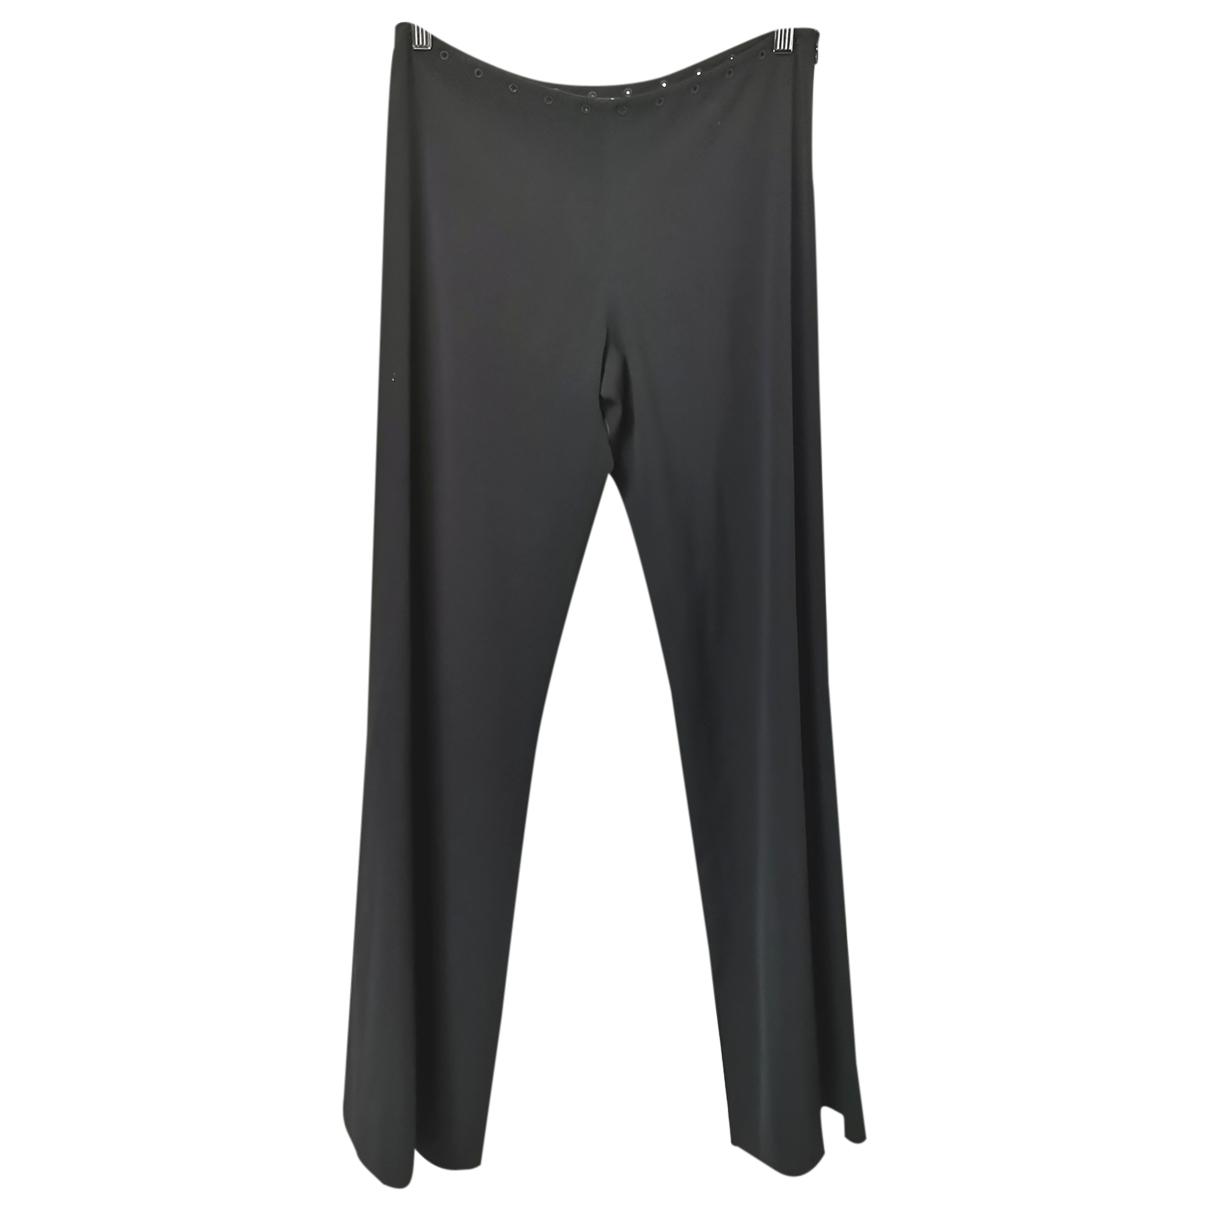 Pantalon largo de Lana Jean Paul Gaultier